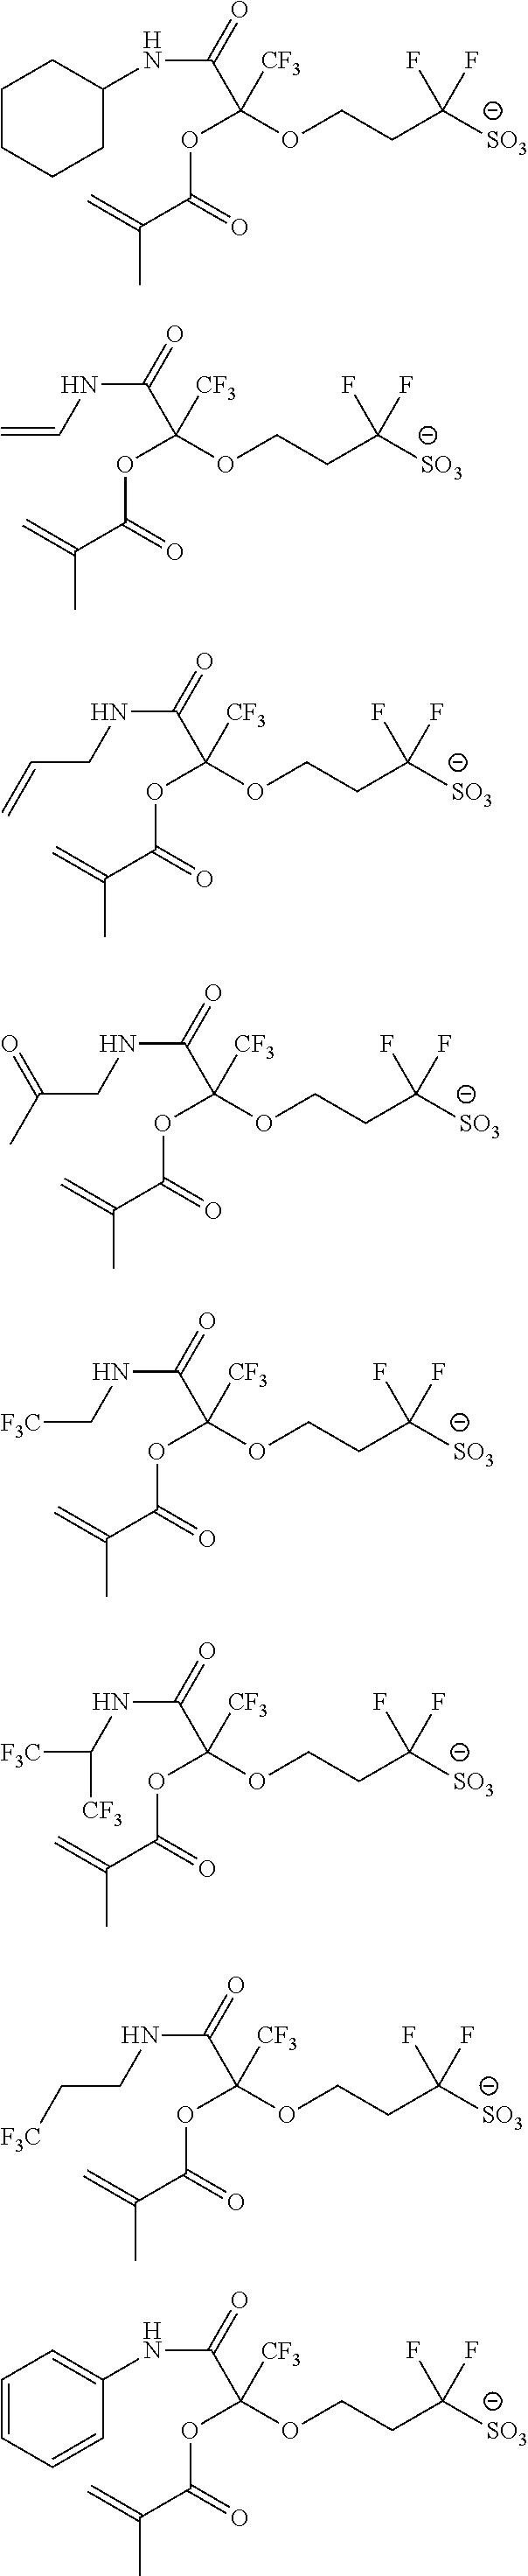 Figure US09182664-20151110-C00067